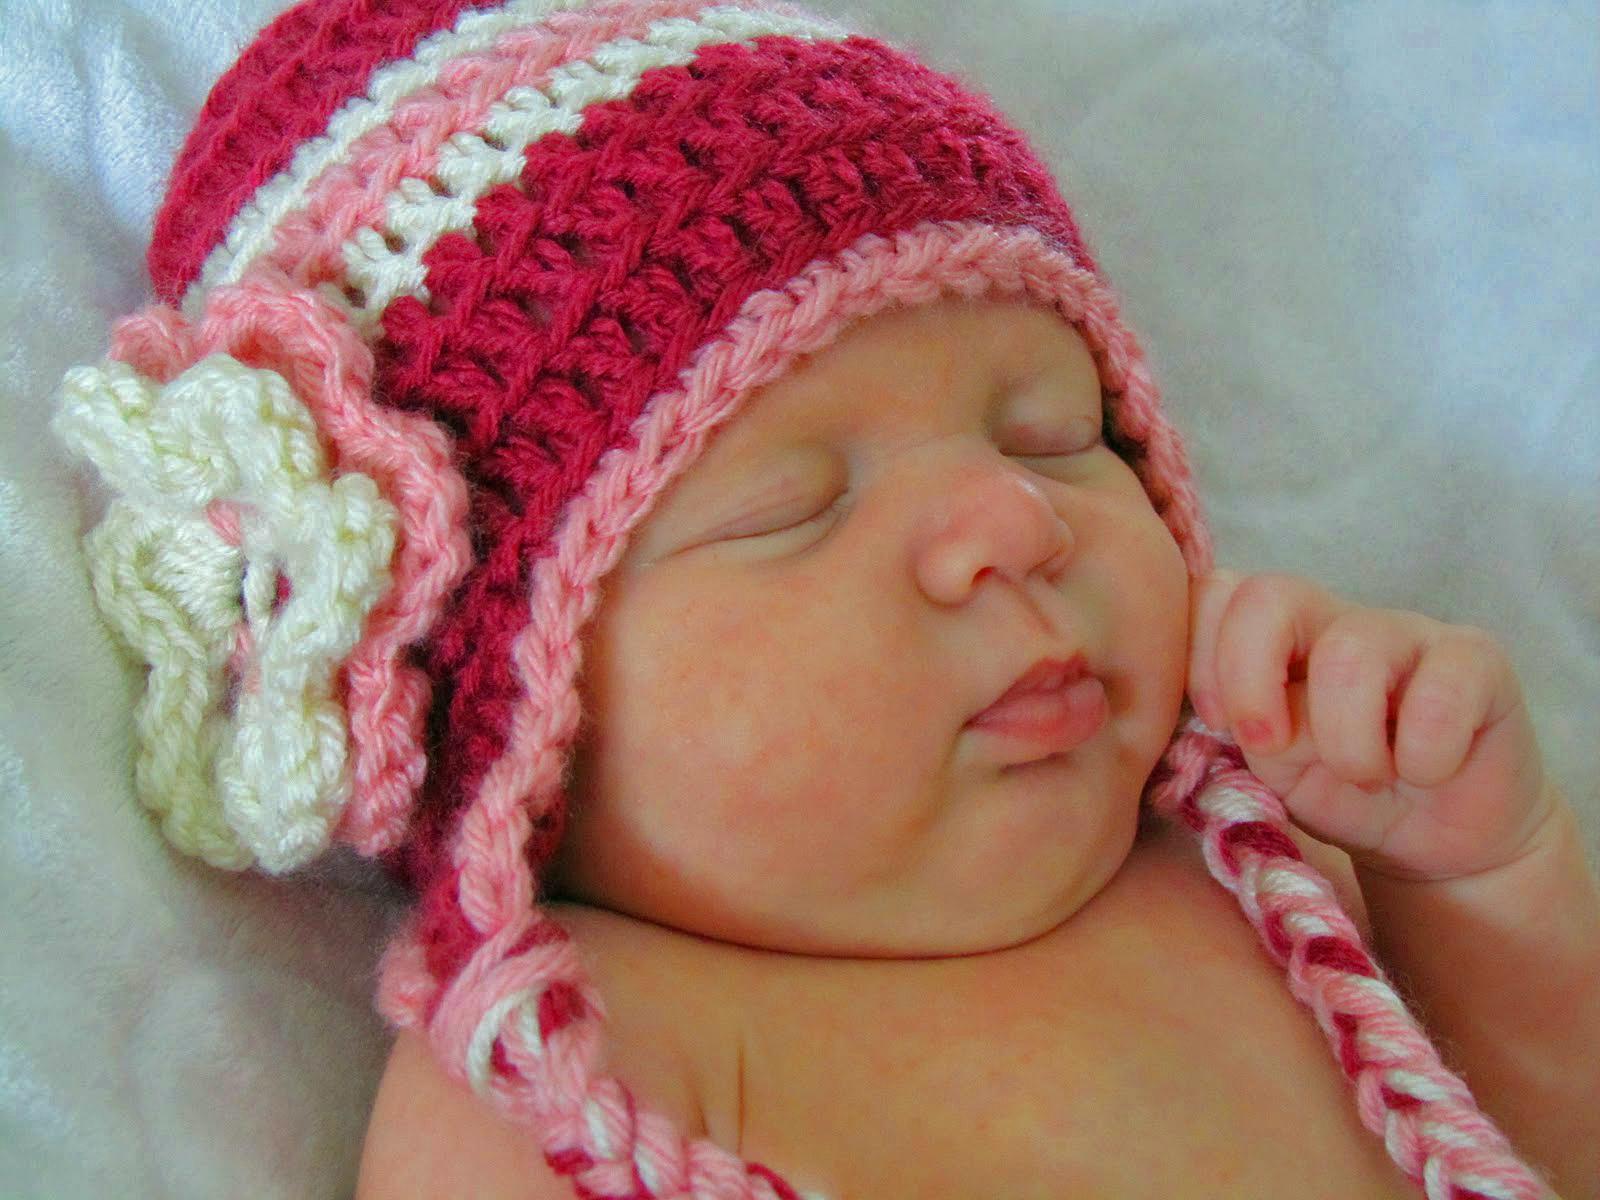 http://4.bp.blogspot.com/-25P8MTfF3zo/TVddedPK7tI/AAAAAAAAABs/4xLawEqLUCw/s1600/ellie+pink+hat.jpg